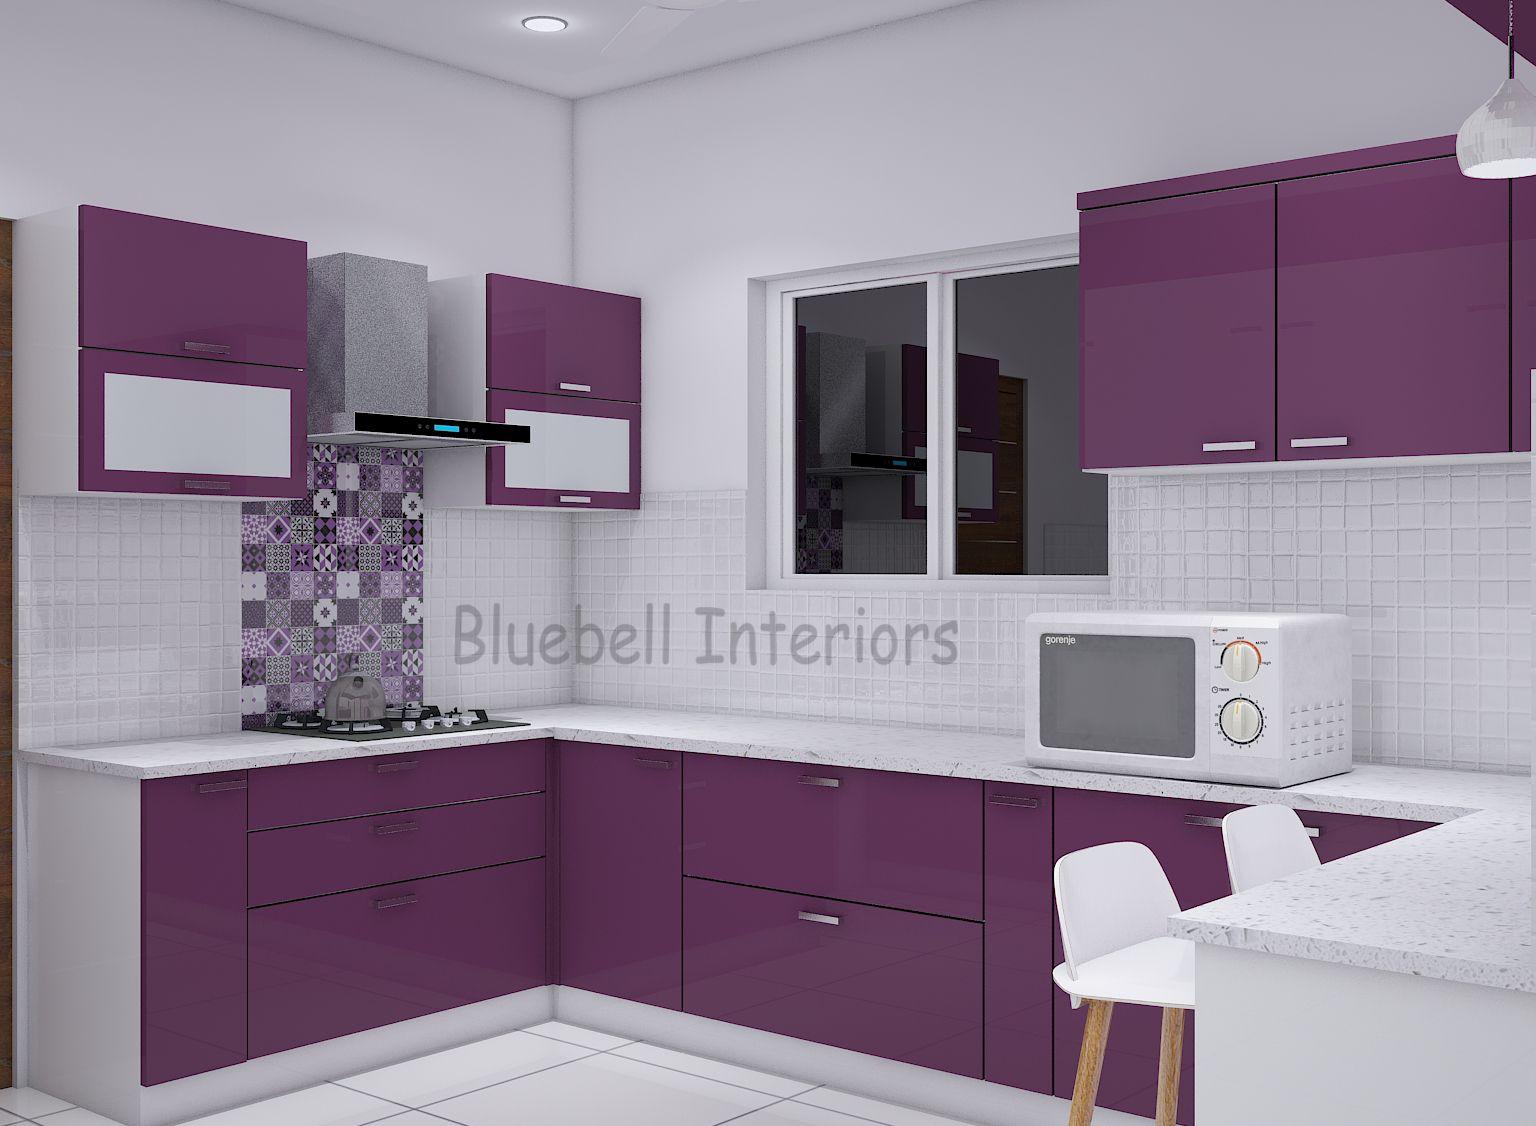 U shape kitchen, purple & white kitchen, white quartz counter top ...